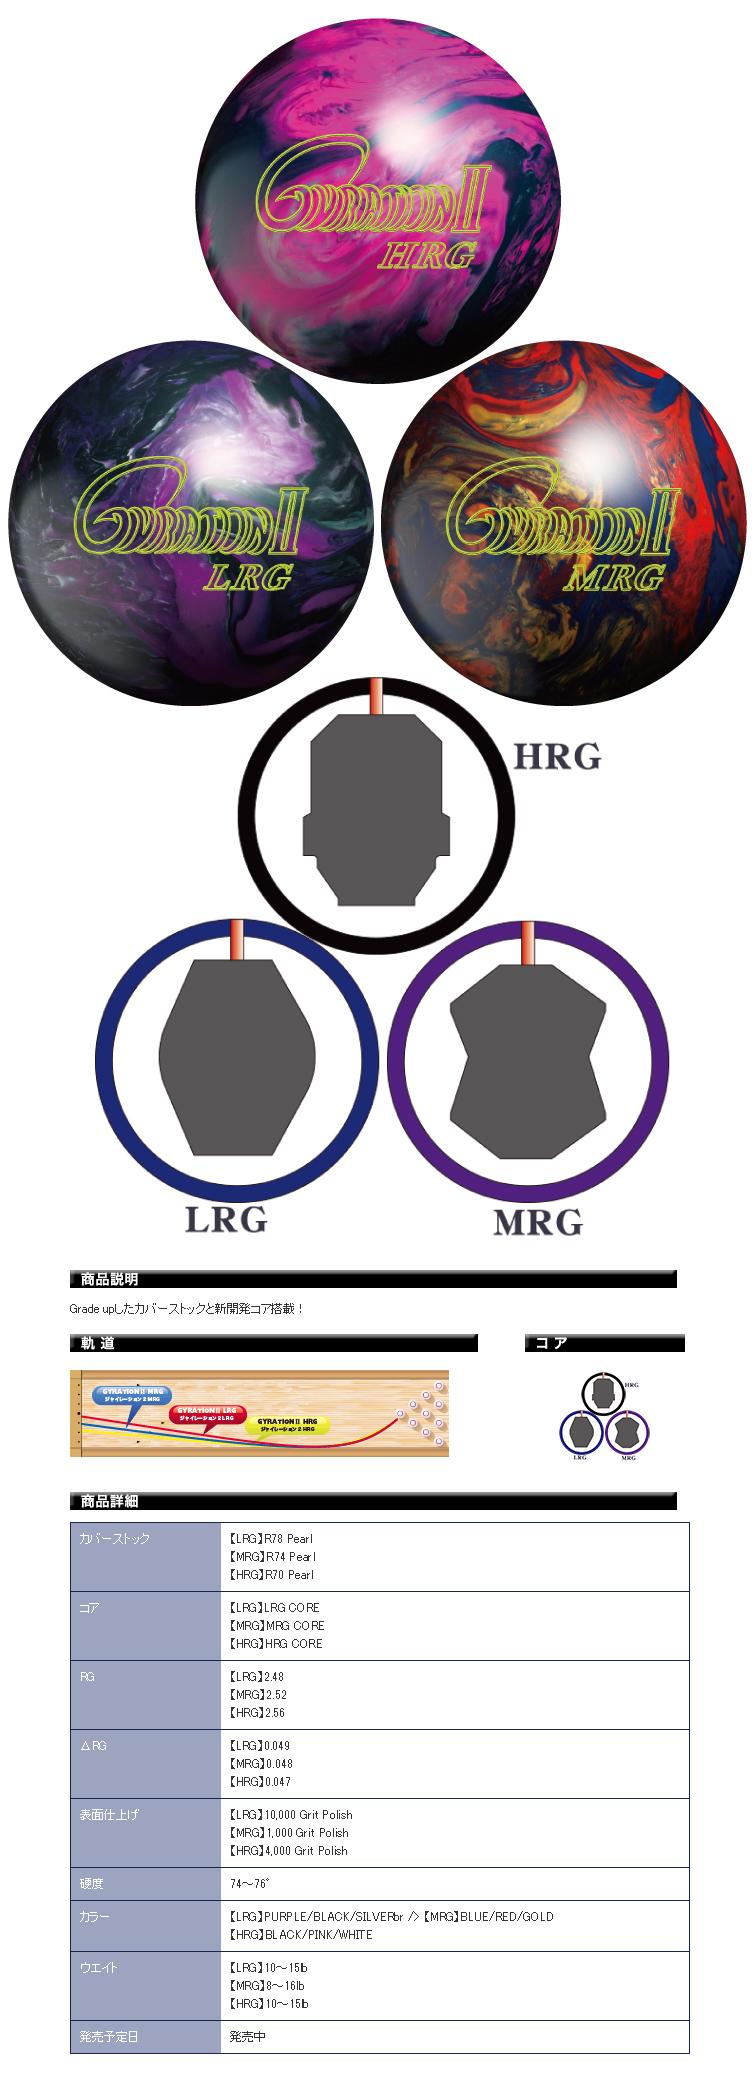 ボウリング用品 ボウリングボール ABS ジャイレーション2 GYRATION 2